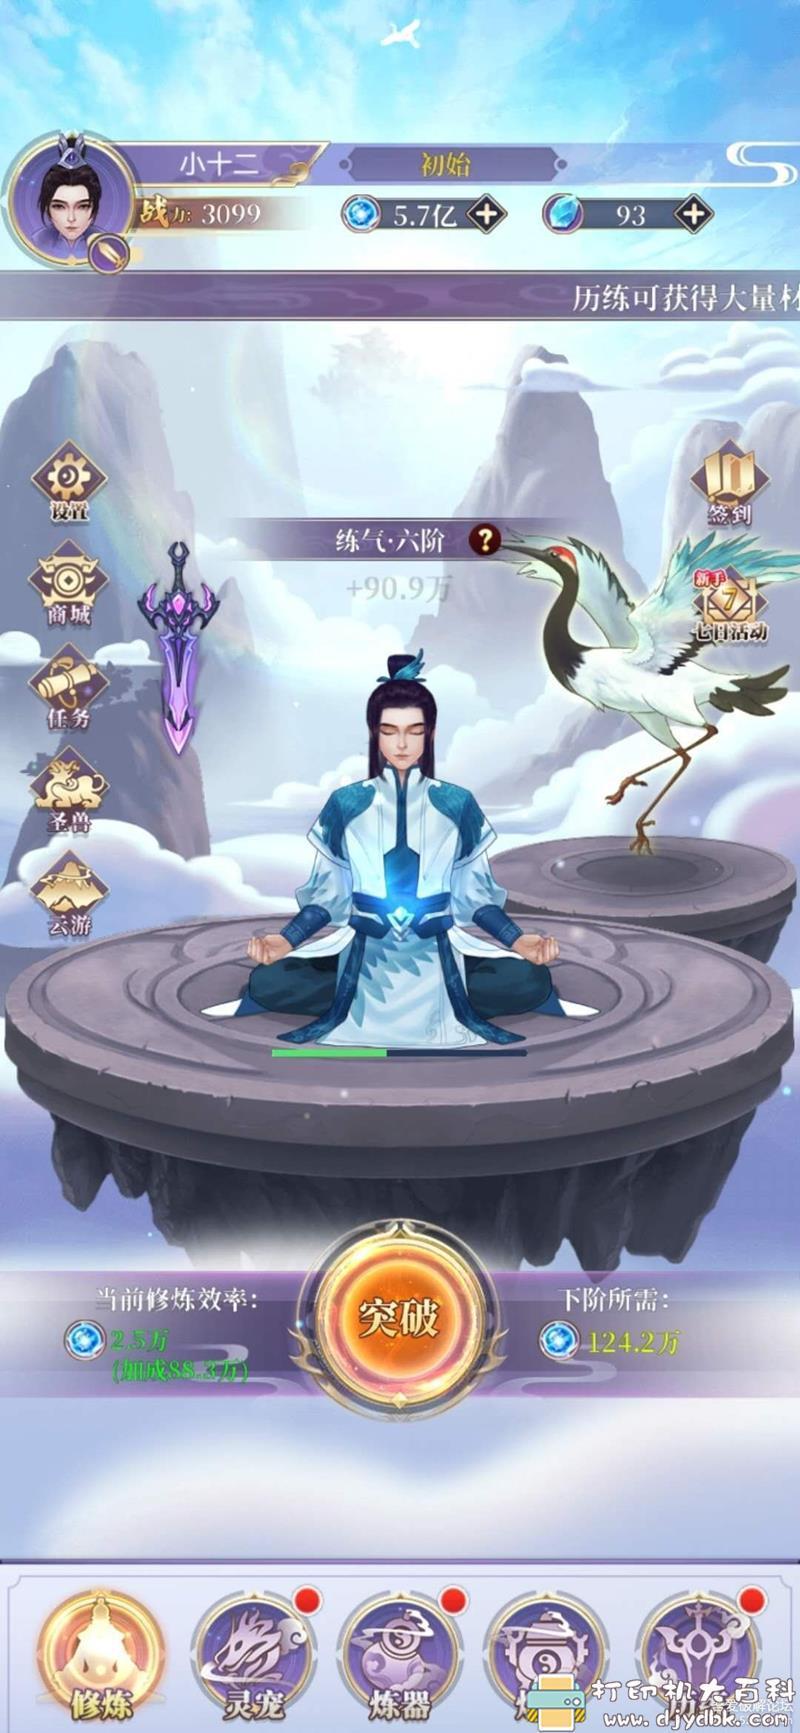 安卓游戏分享:鬼谷修仙1.0 解锁版图片 No.1